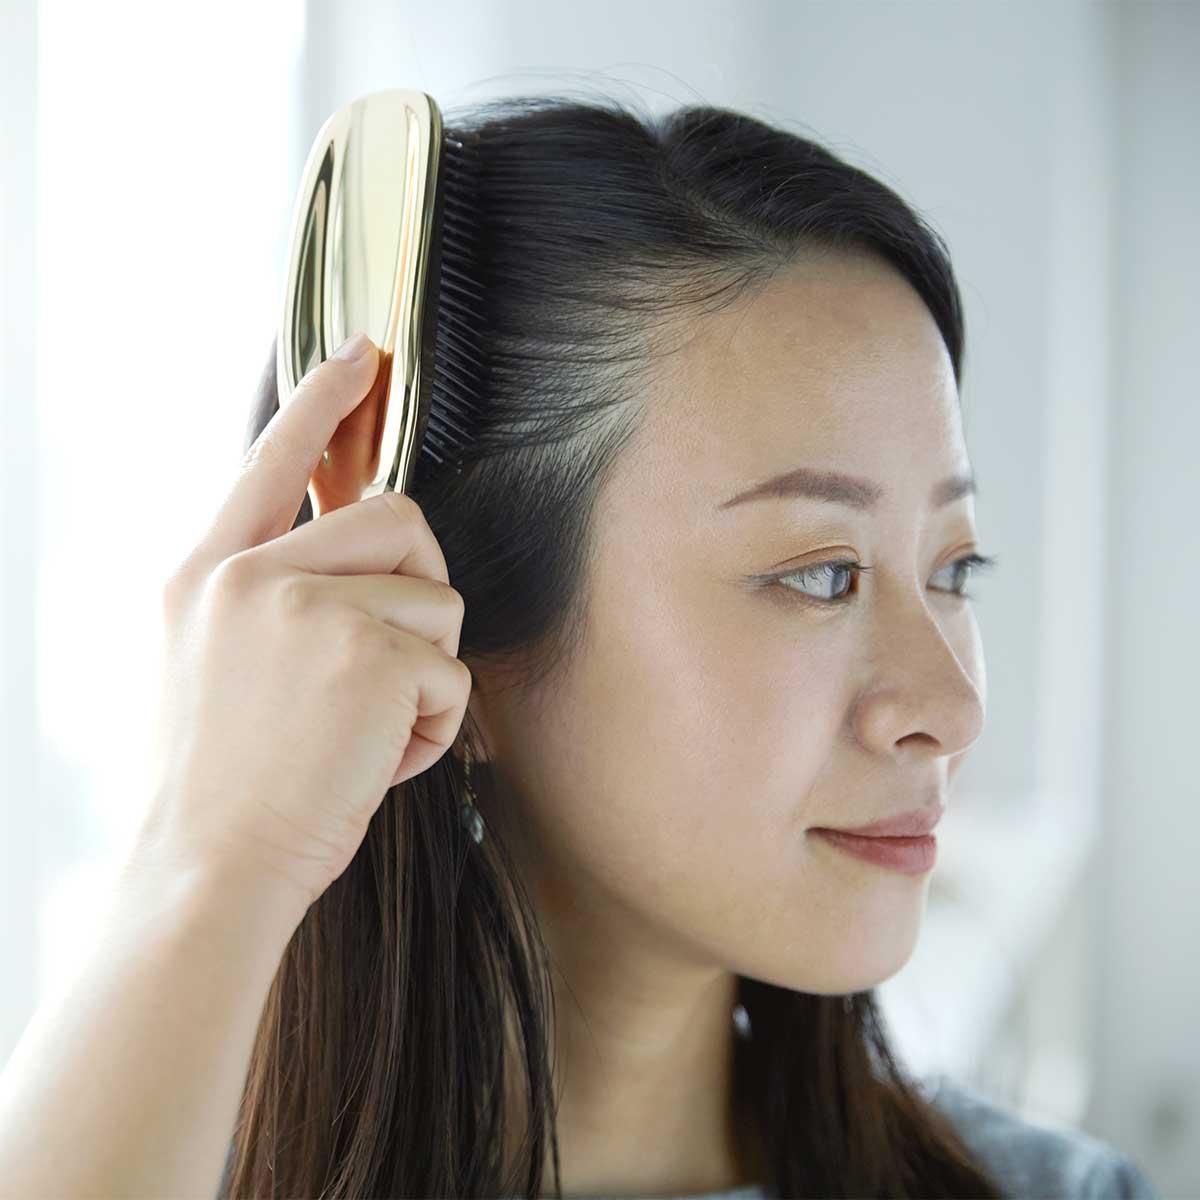 イキイキした髪は、正しい頭皮ケアから。『SCALP BRUSH』で、あなたの髪にもっと自信を。スカルプブラシ(育毛ブラシ)|SCALP BRUSH(スカルプブラシ)